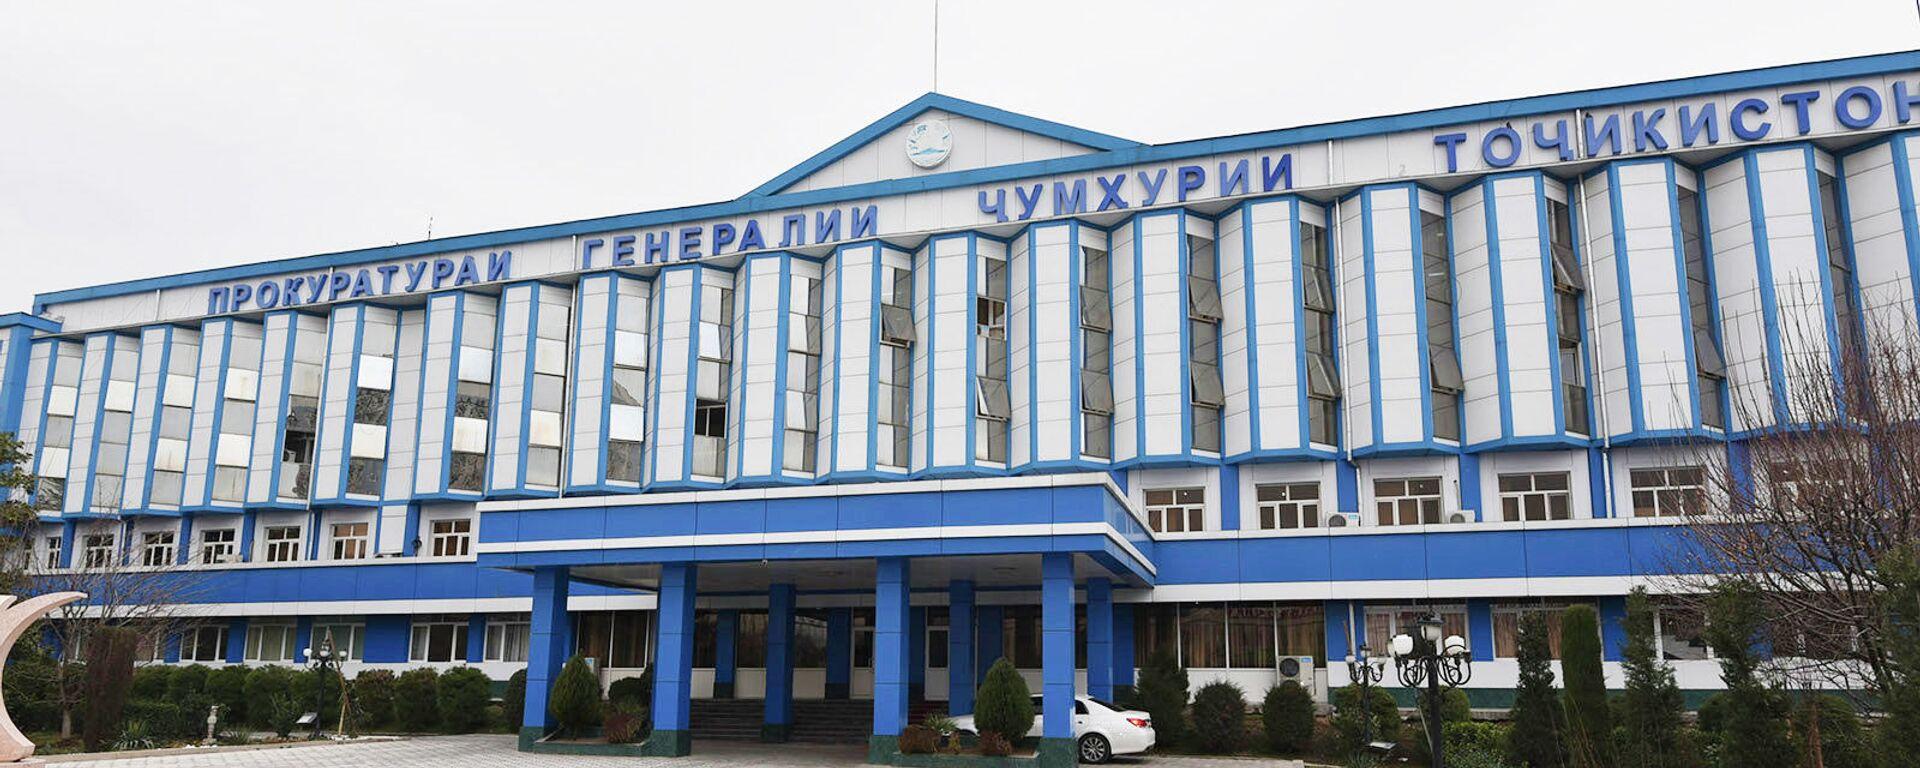 Генеральная прокуратура РТ, архивное фото - Sputnik Таджикистан, 1920, 21.04.2021